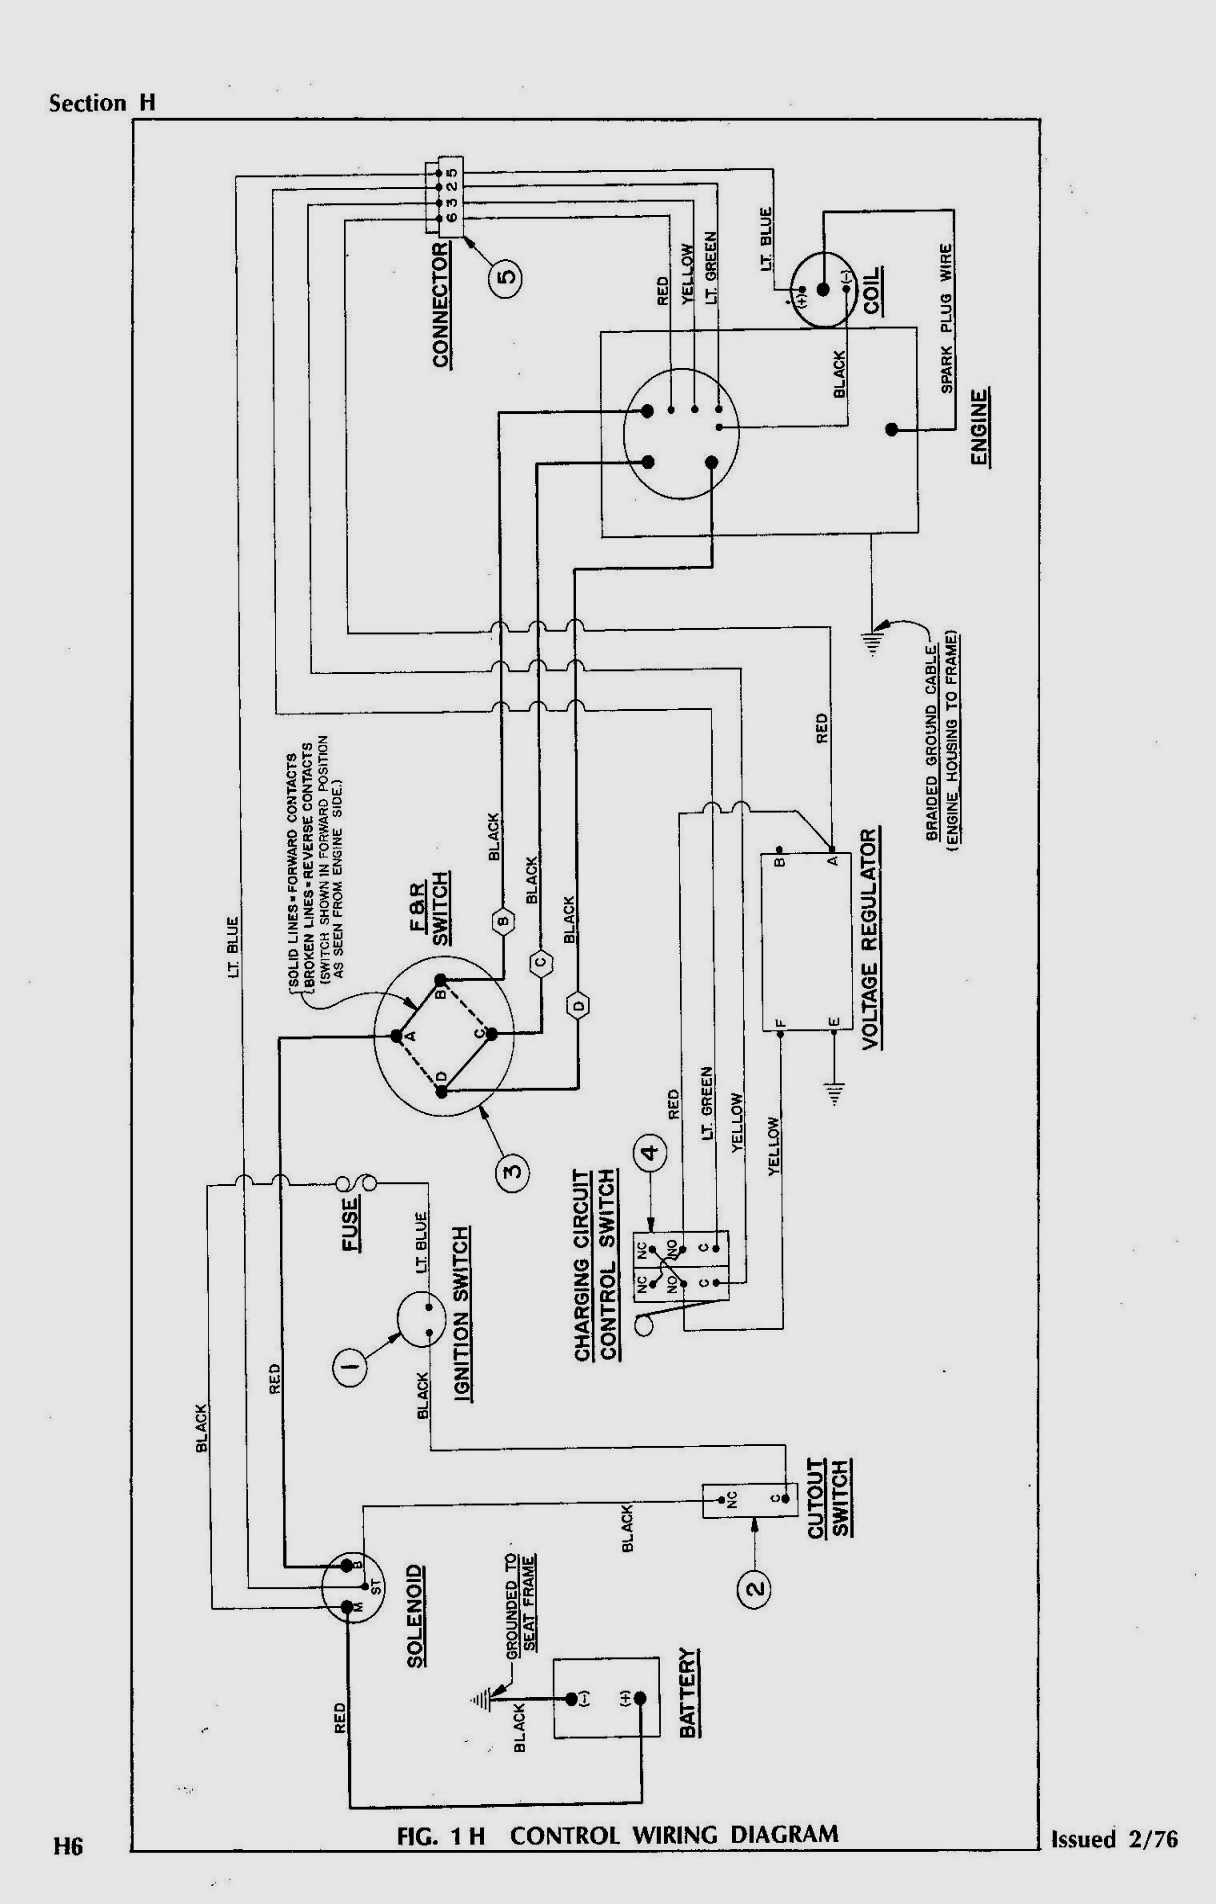 1204 Curtis Controller Wiring Diagram   Wiring Library - Curtis Controller Wiring Diagram